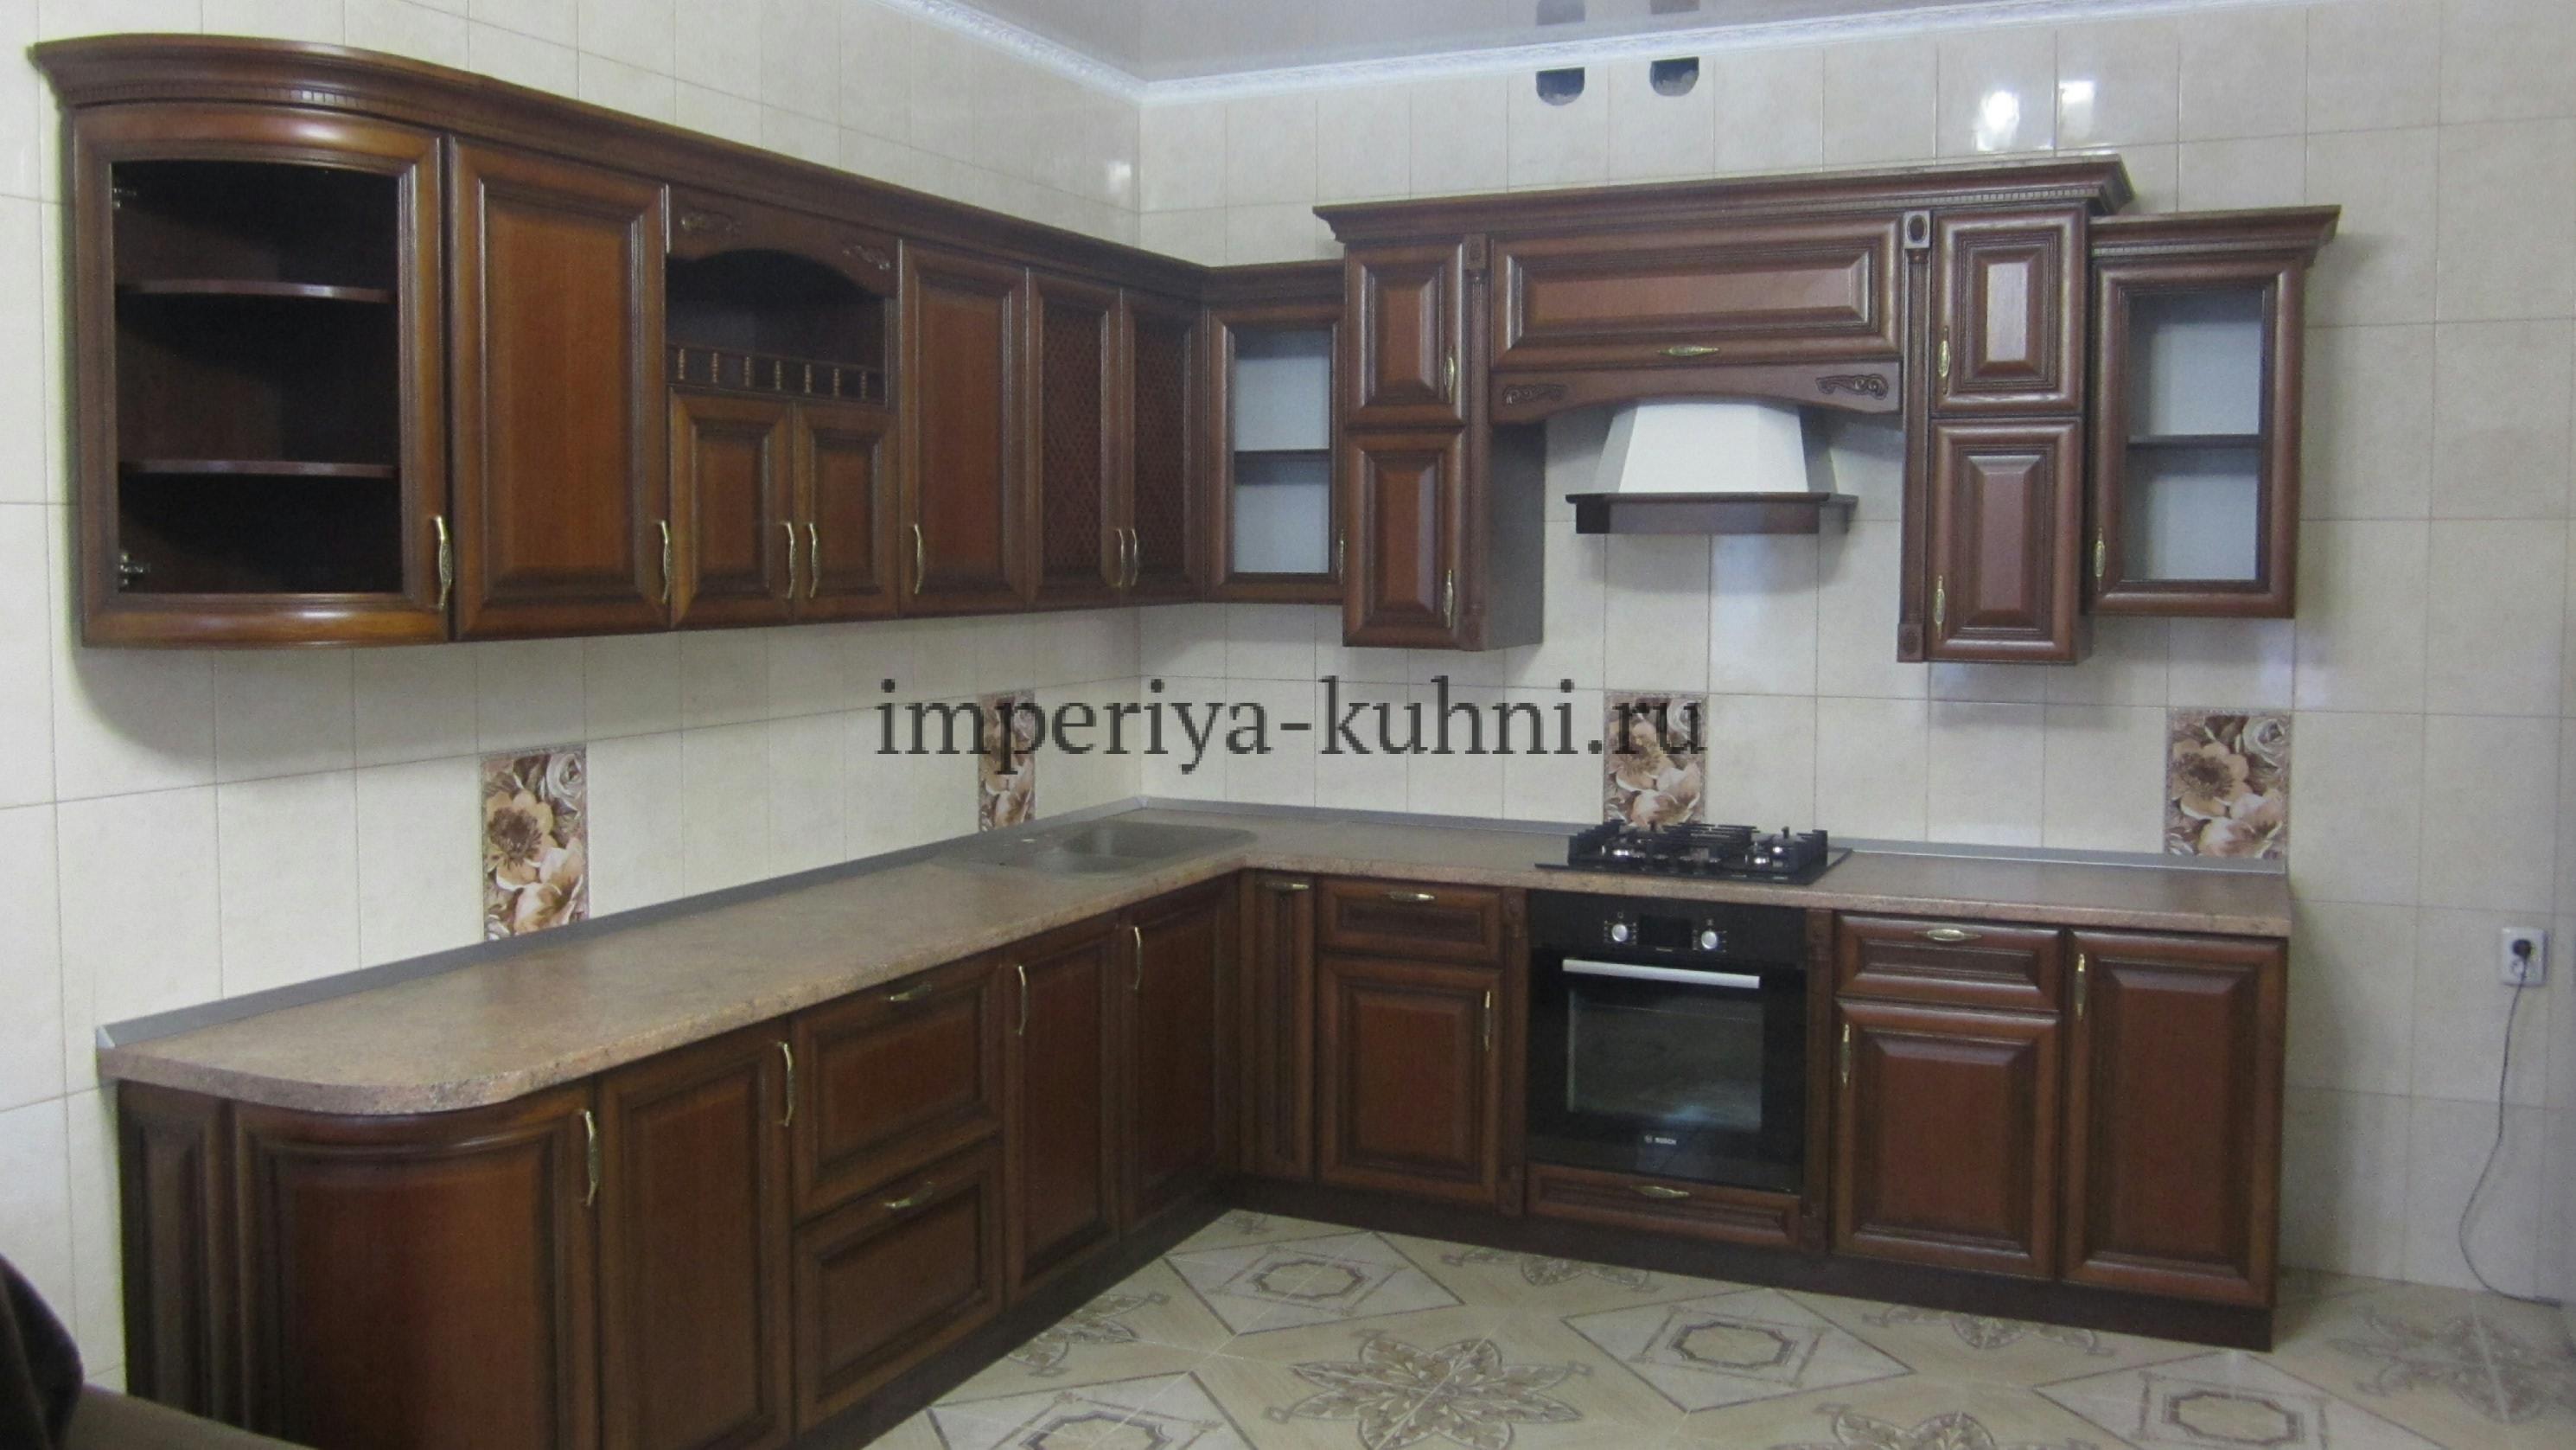 Фото кухни из массива ольхи. Модель-Татьяна II. Цвет-Капучино.